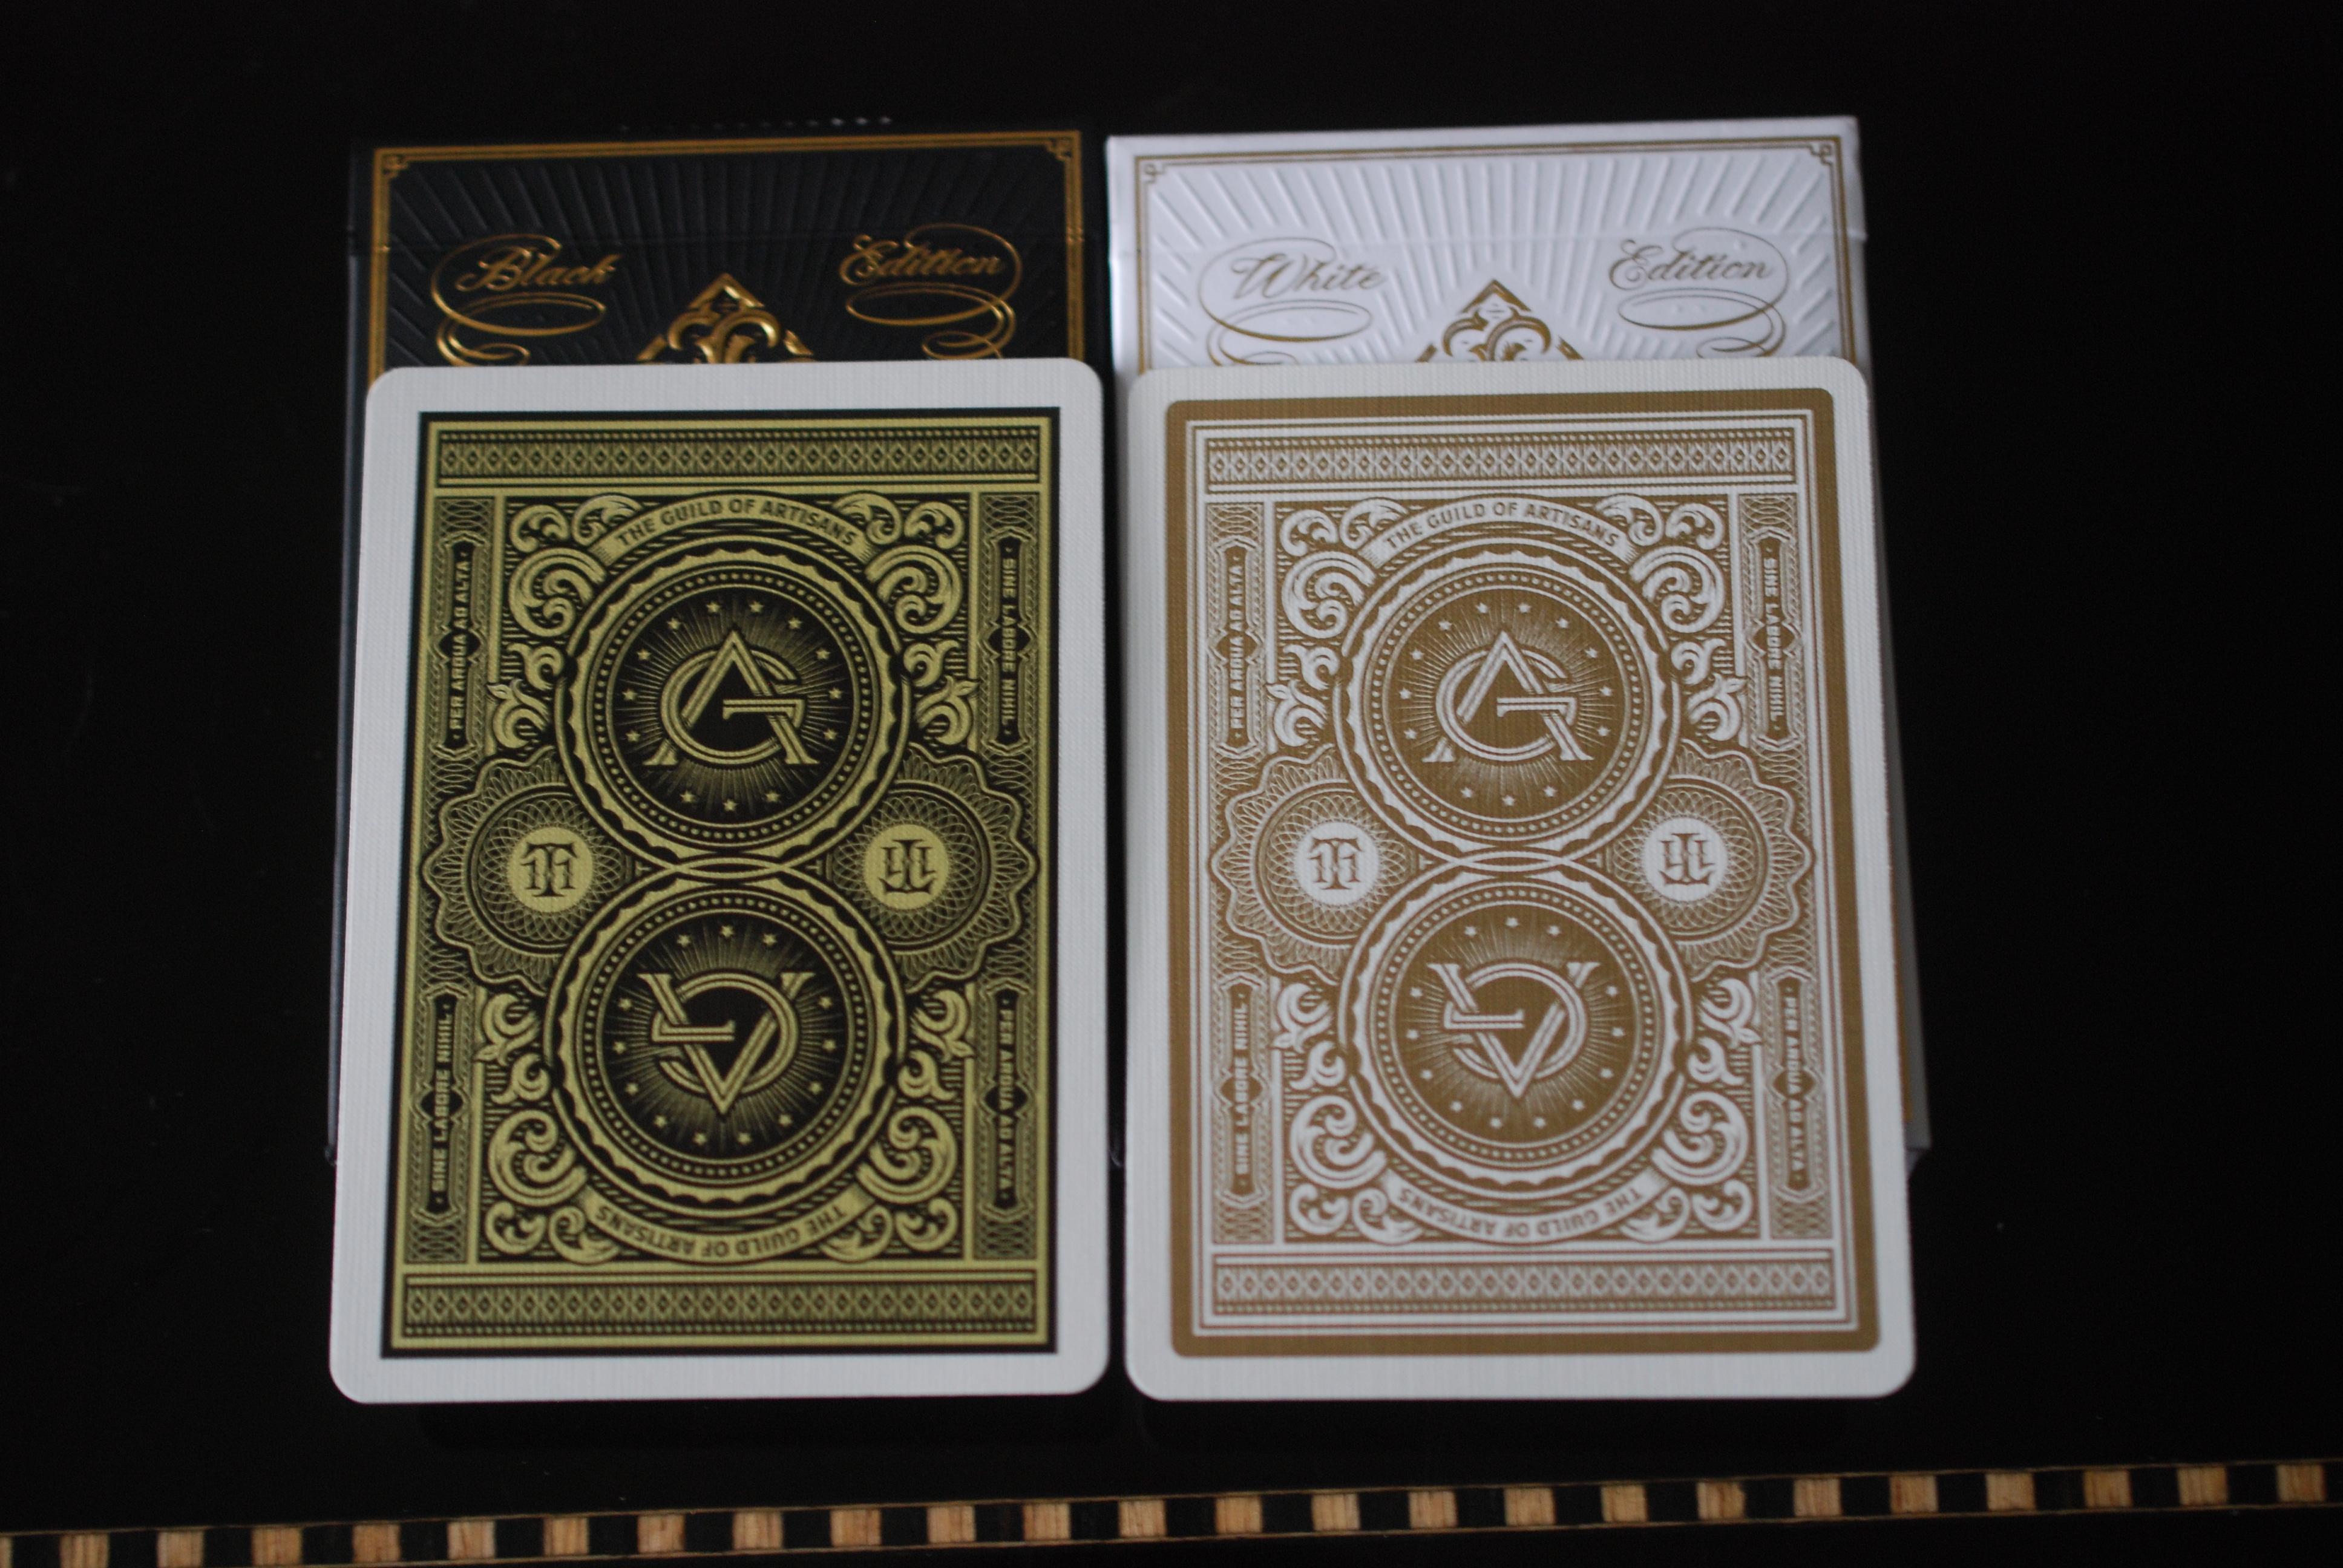 USPCC Theory 11 Artisan Premium Playing Cards Black Or White